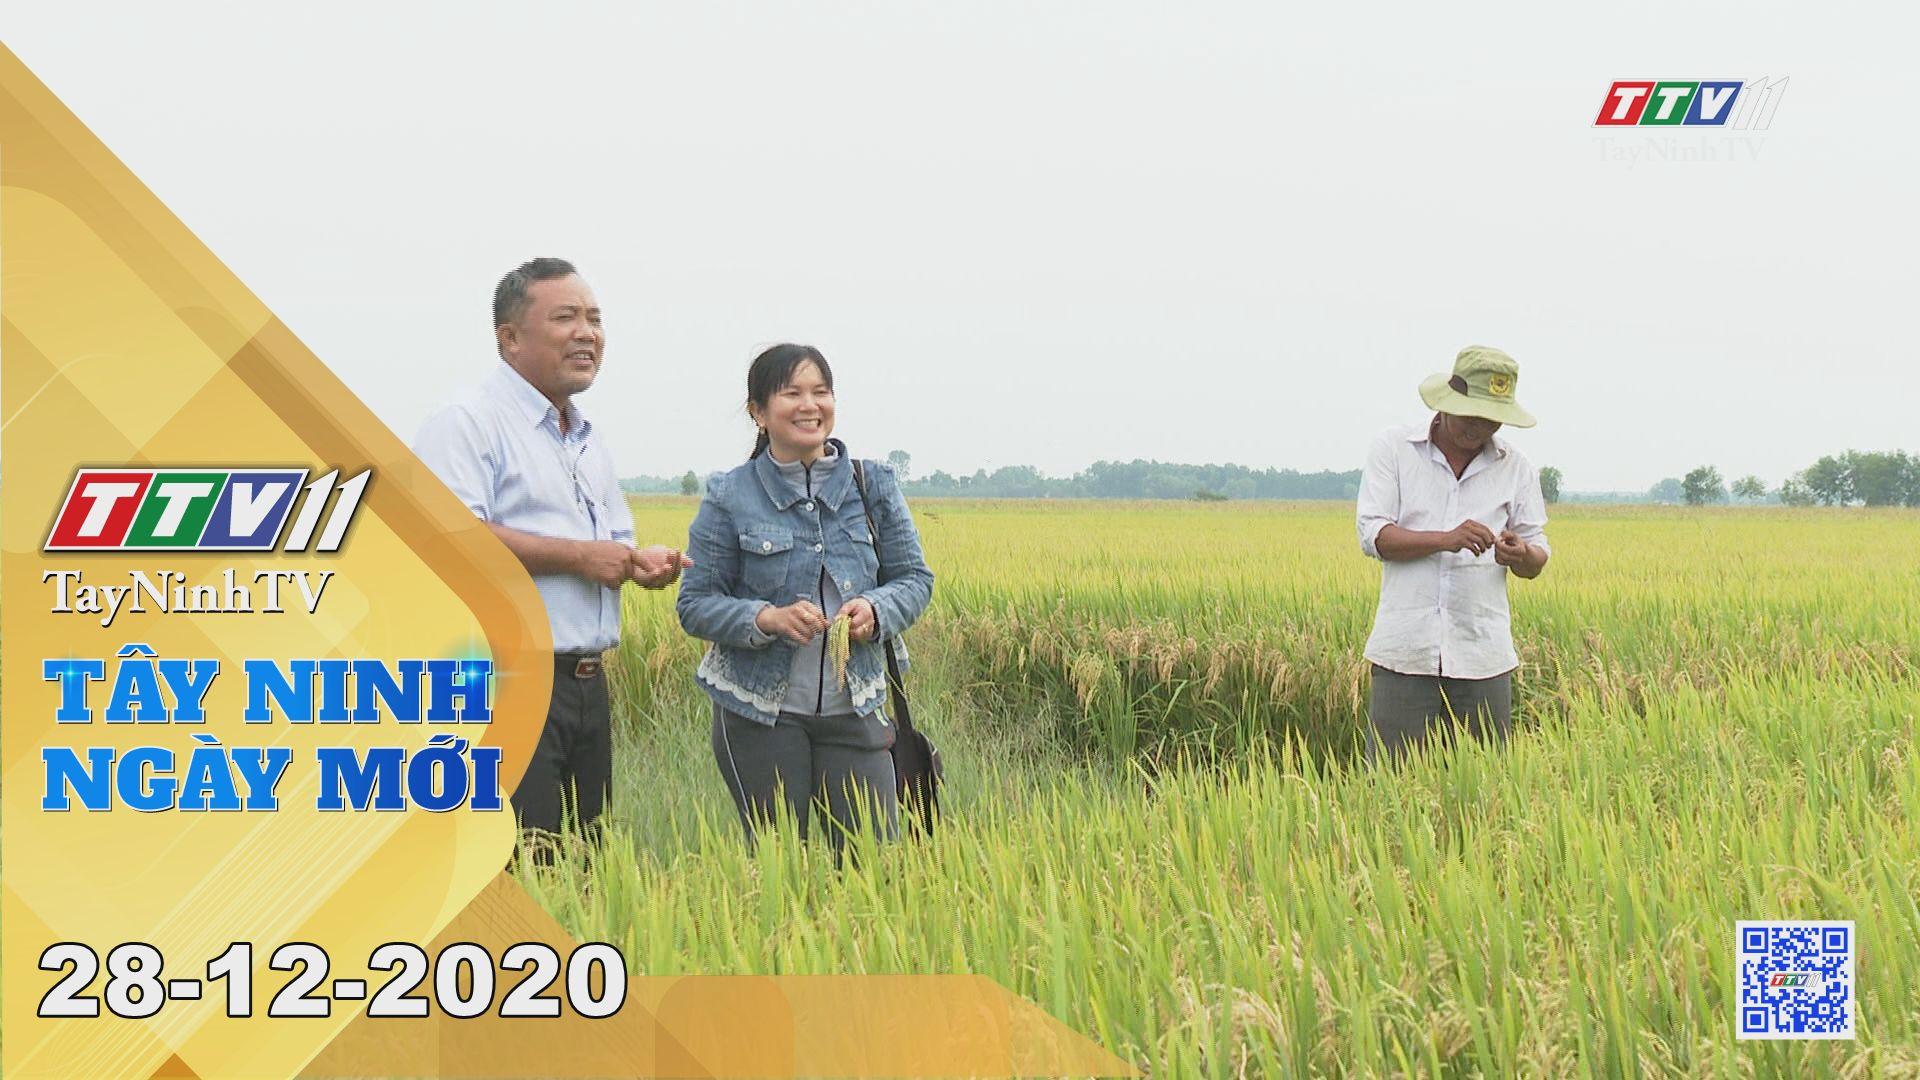 Tây Ninh Ngày Mới 28-12-2020 | Tin tức hôm nay | TayNinhTV